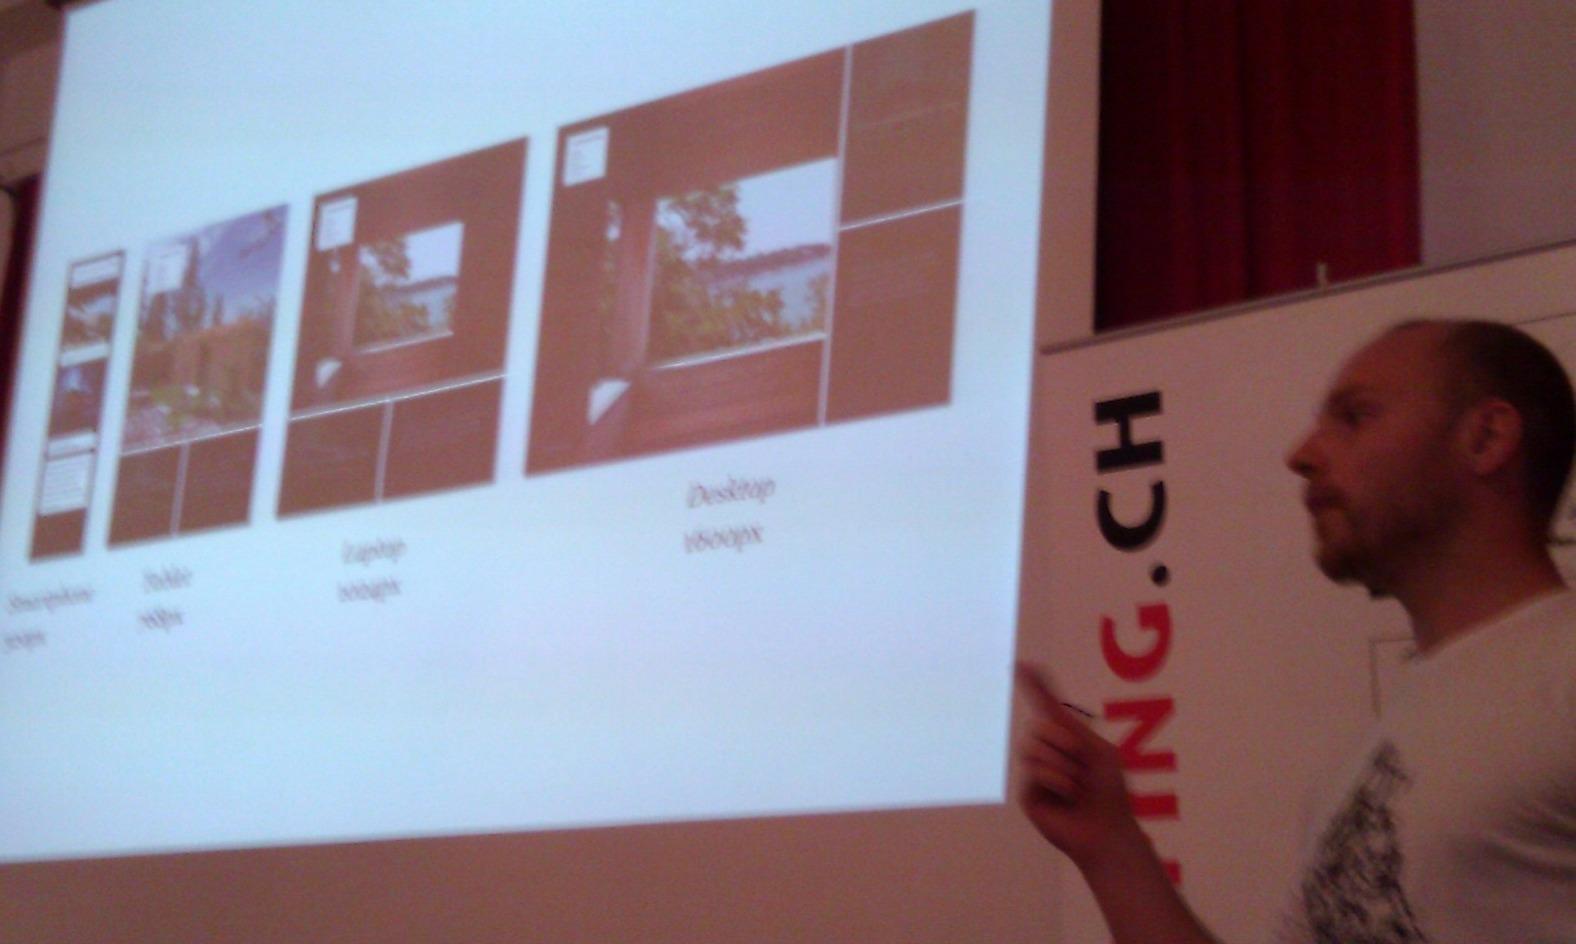 responsive-webdesign-beispiel-anderssen-wise-architects